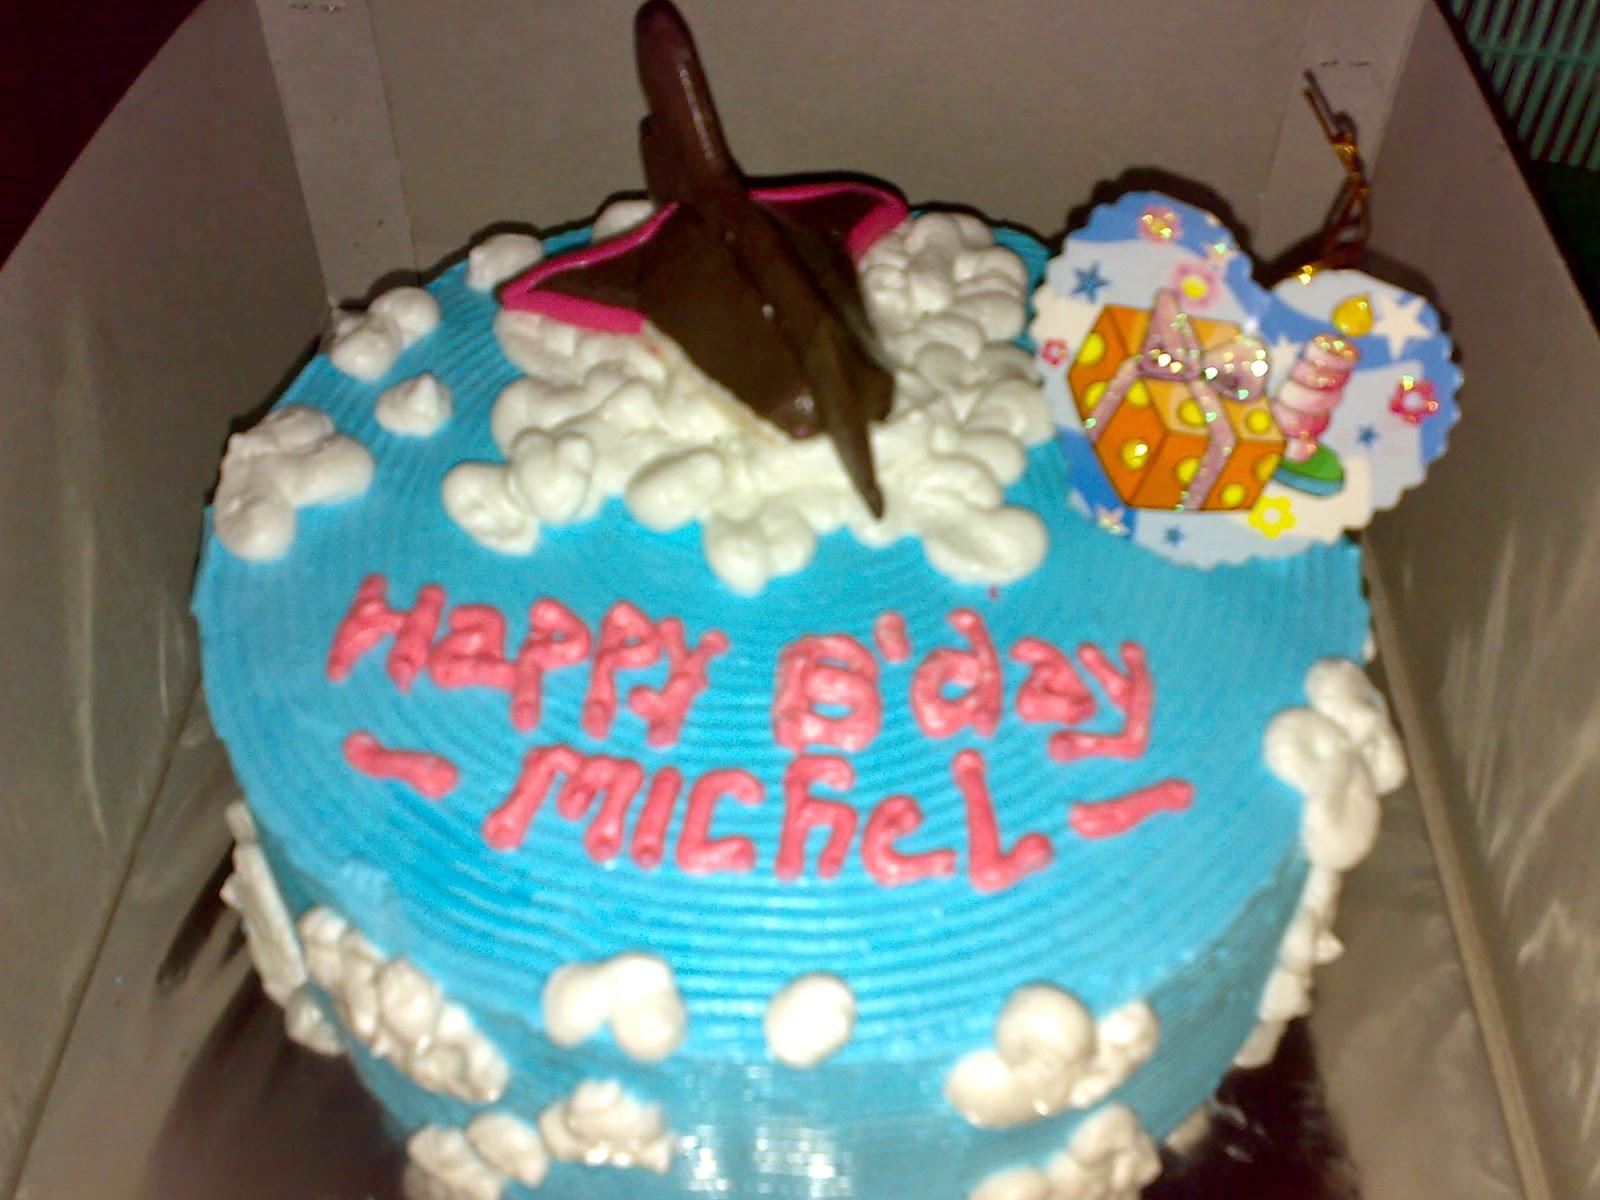 Cake pesawat di toko kue padang